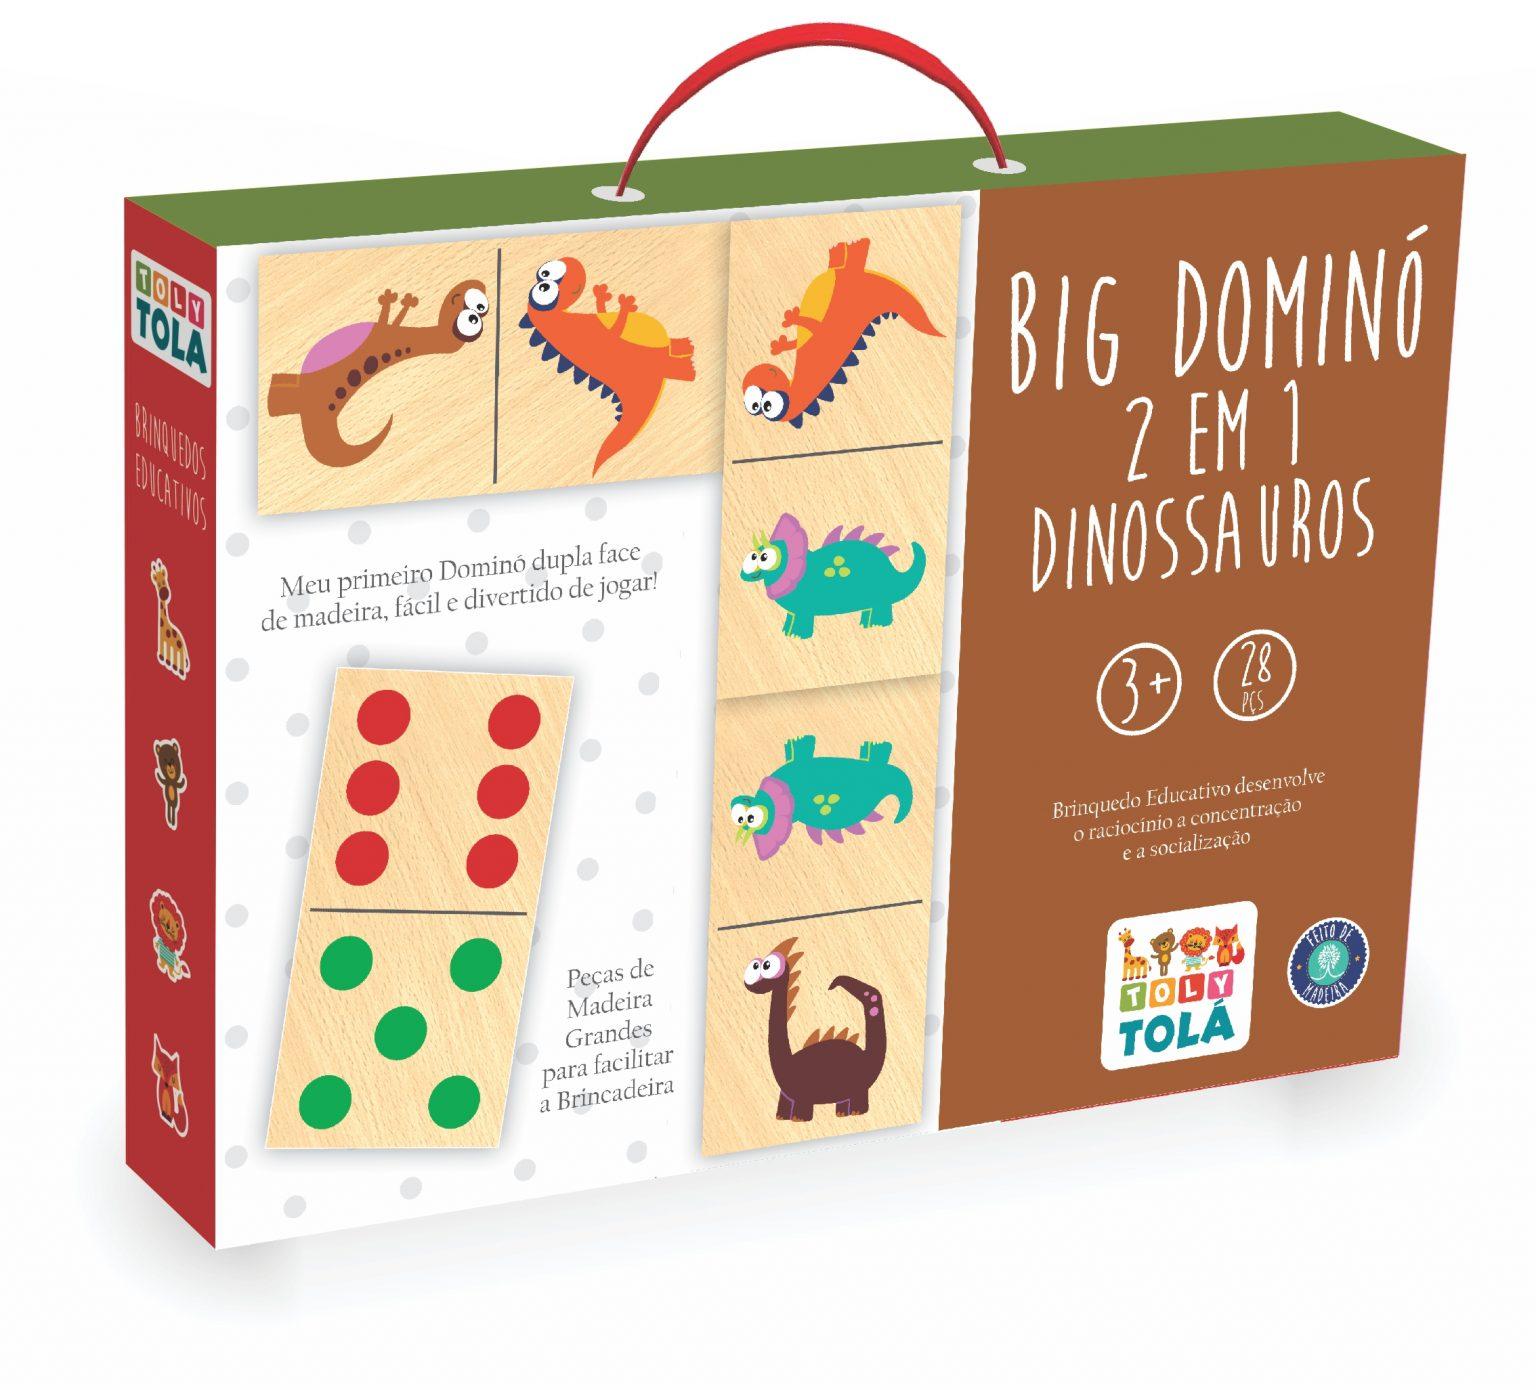 BIG DOMINÓ 2 EM 1 - TRADICIONAL / DINOSSAUROS